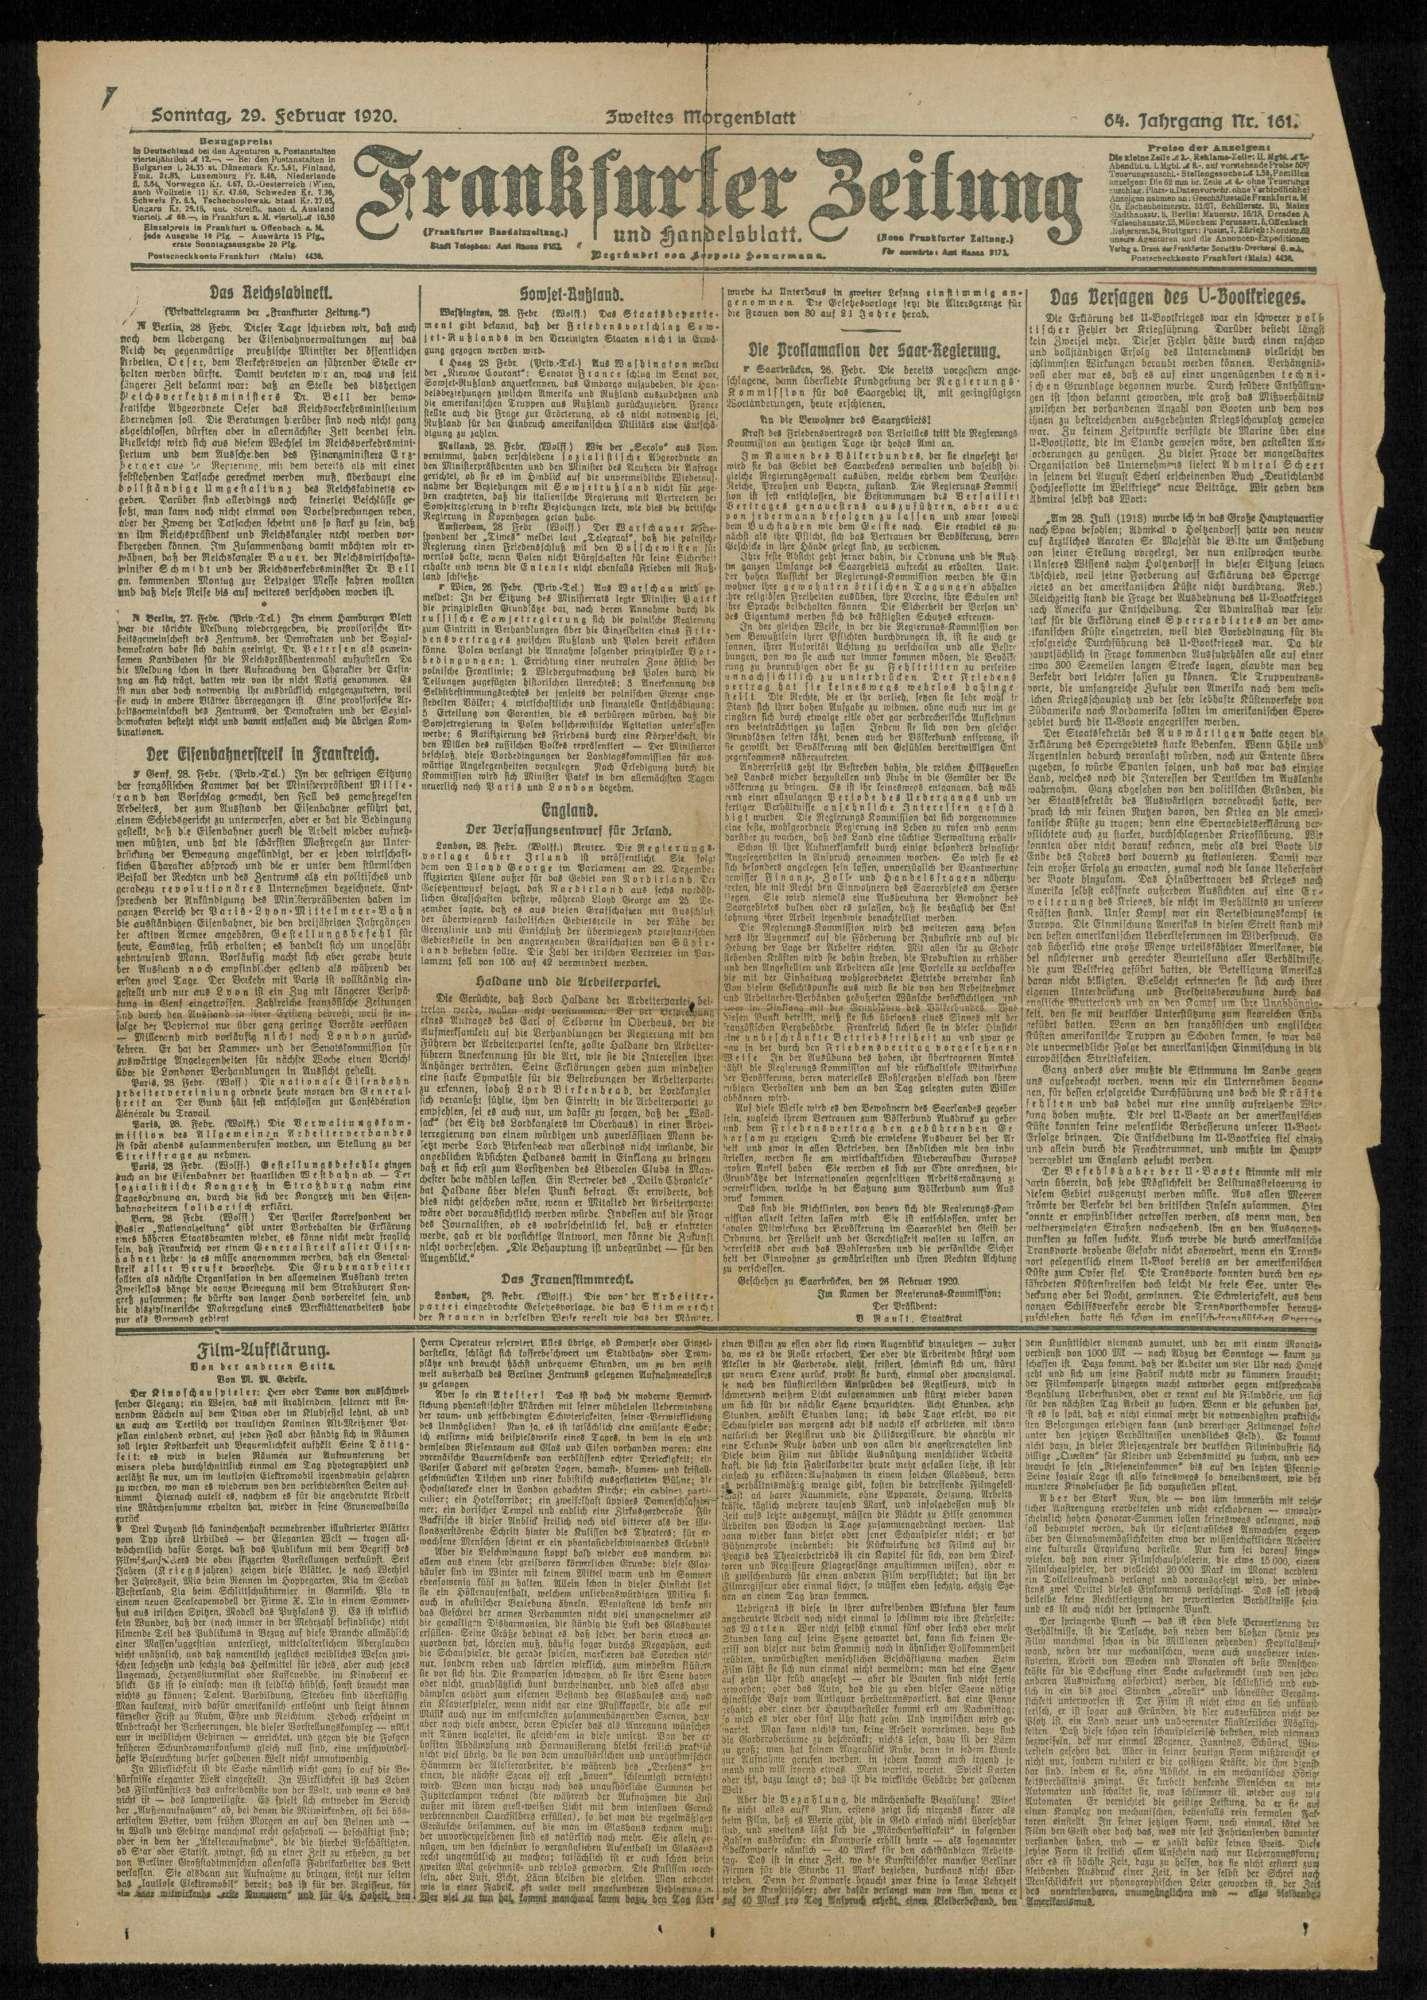 Der U-Boot-Krieg und der Kriegseintritt Amerikas. Zu den Erinnerungen an Tirpitz. Zeitungsartikel, Bild 3